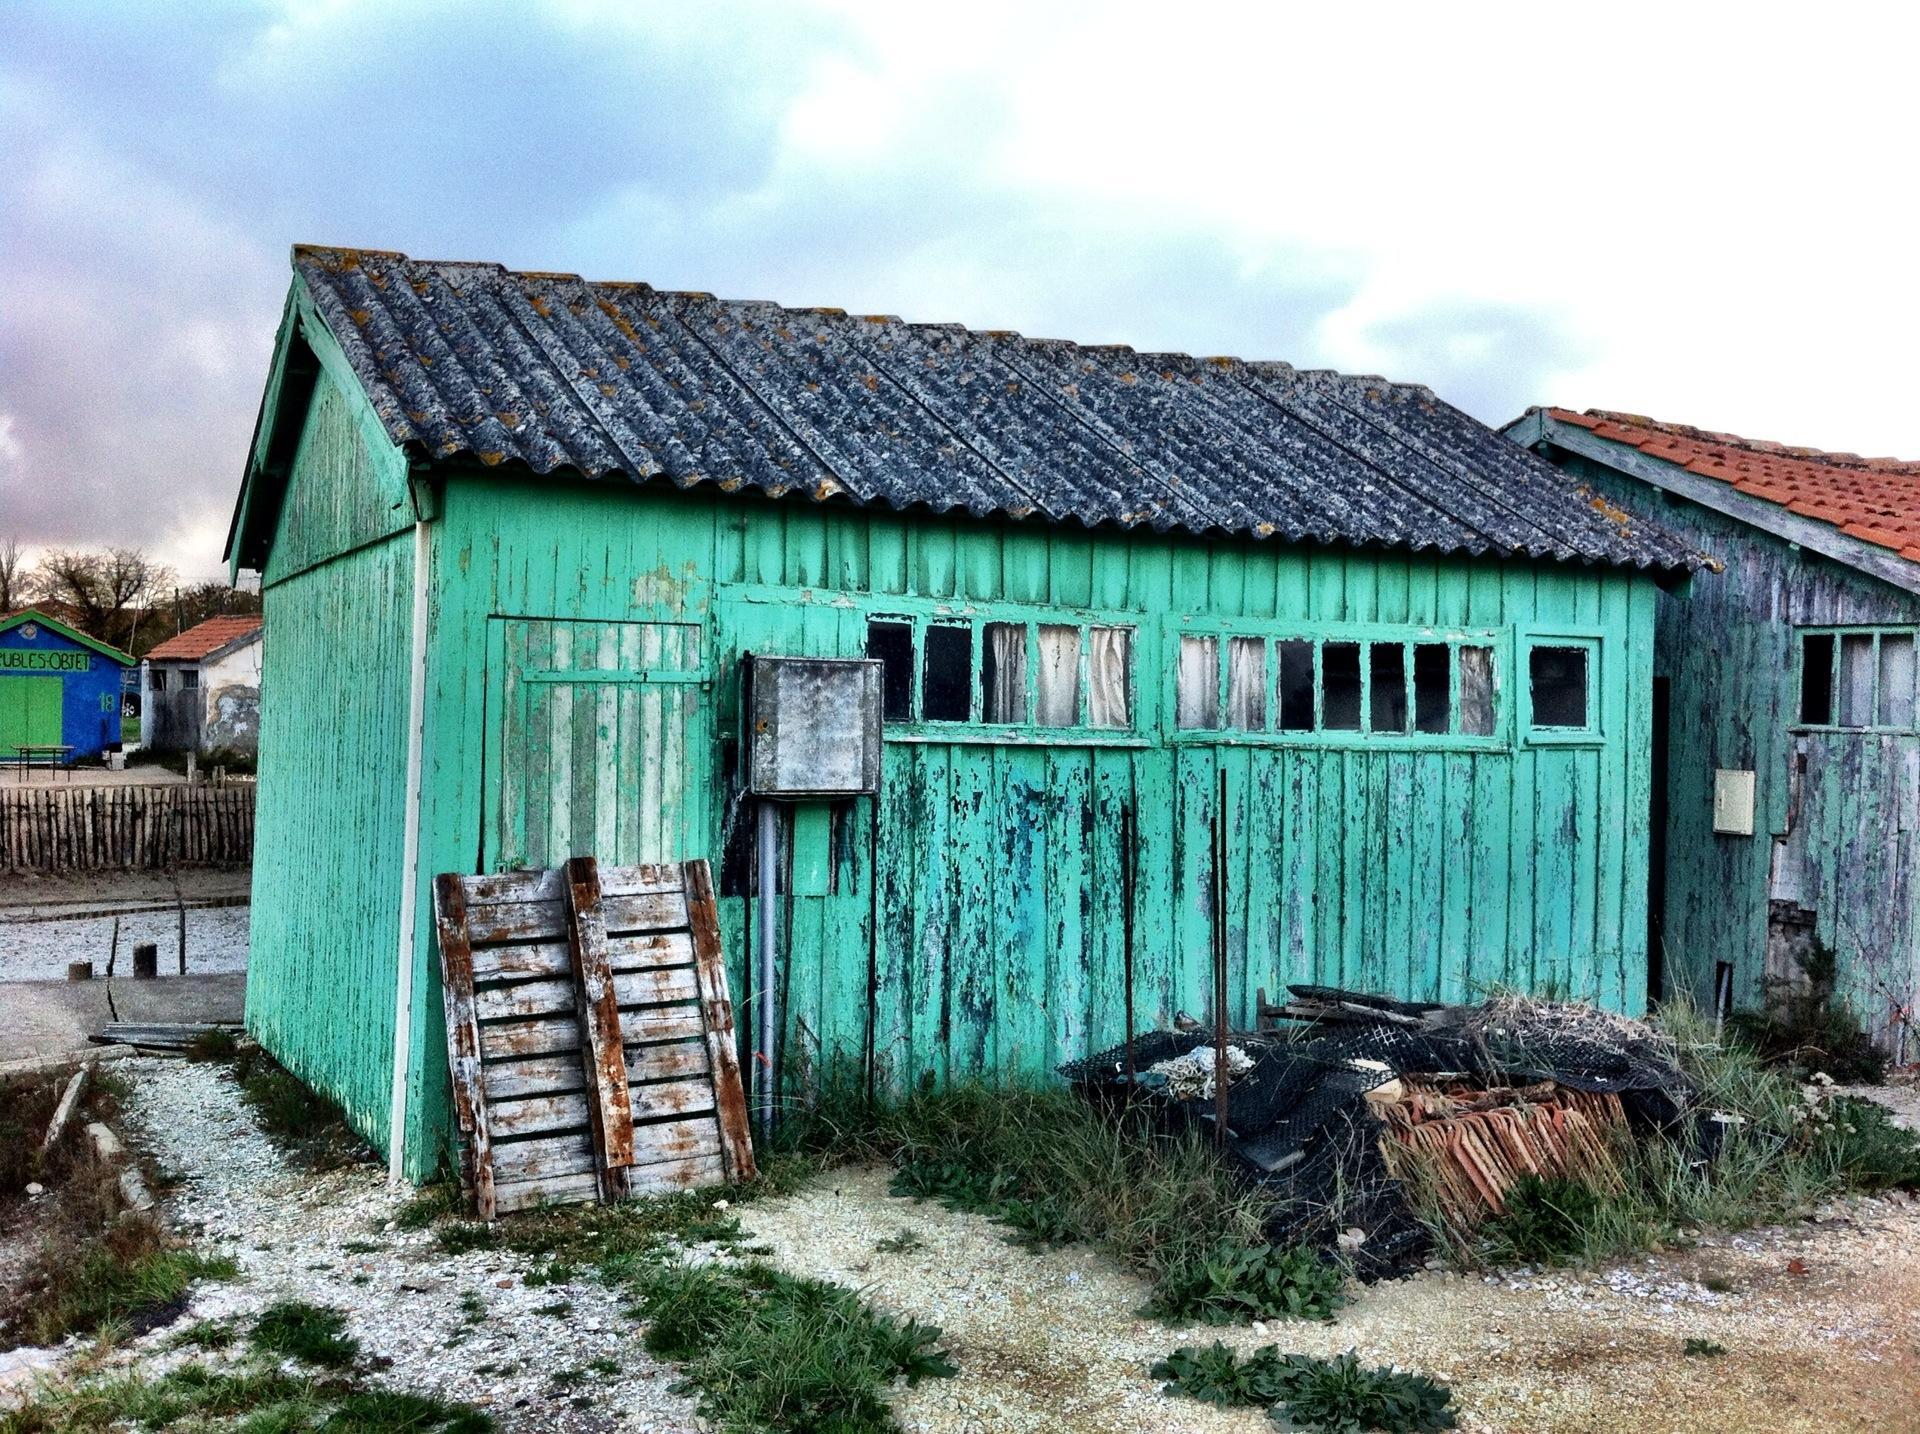 Colourful Shacks and Workshops, île-de-Oléron